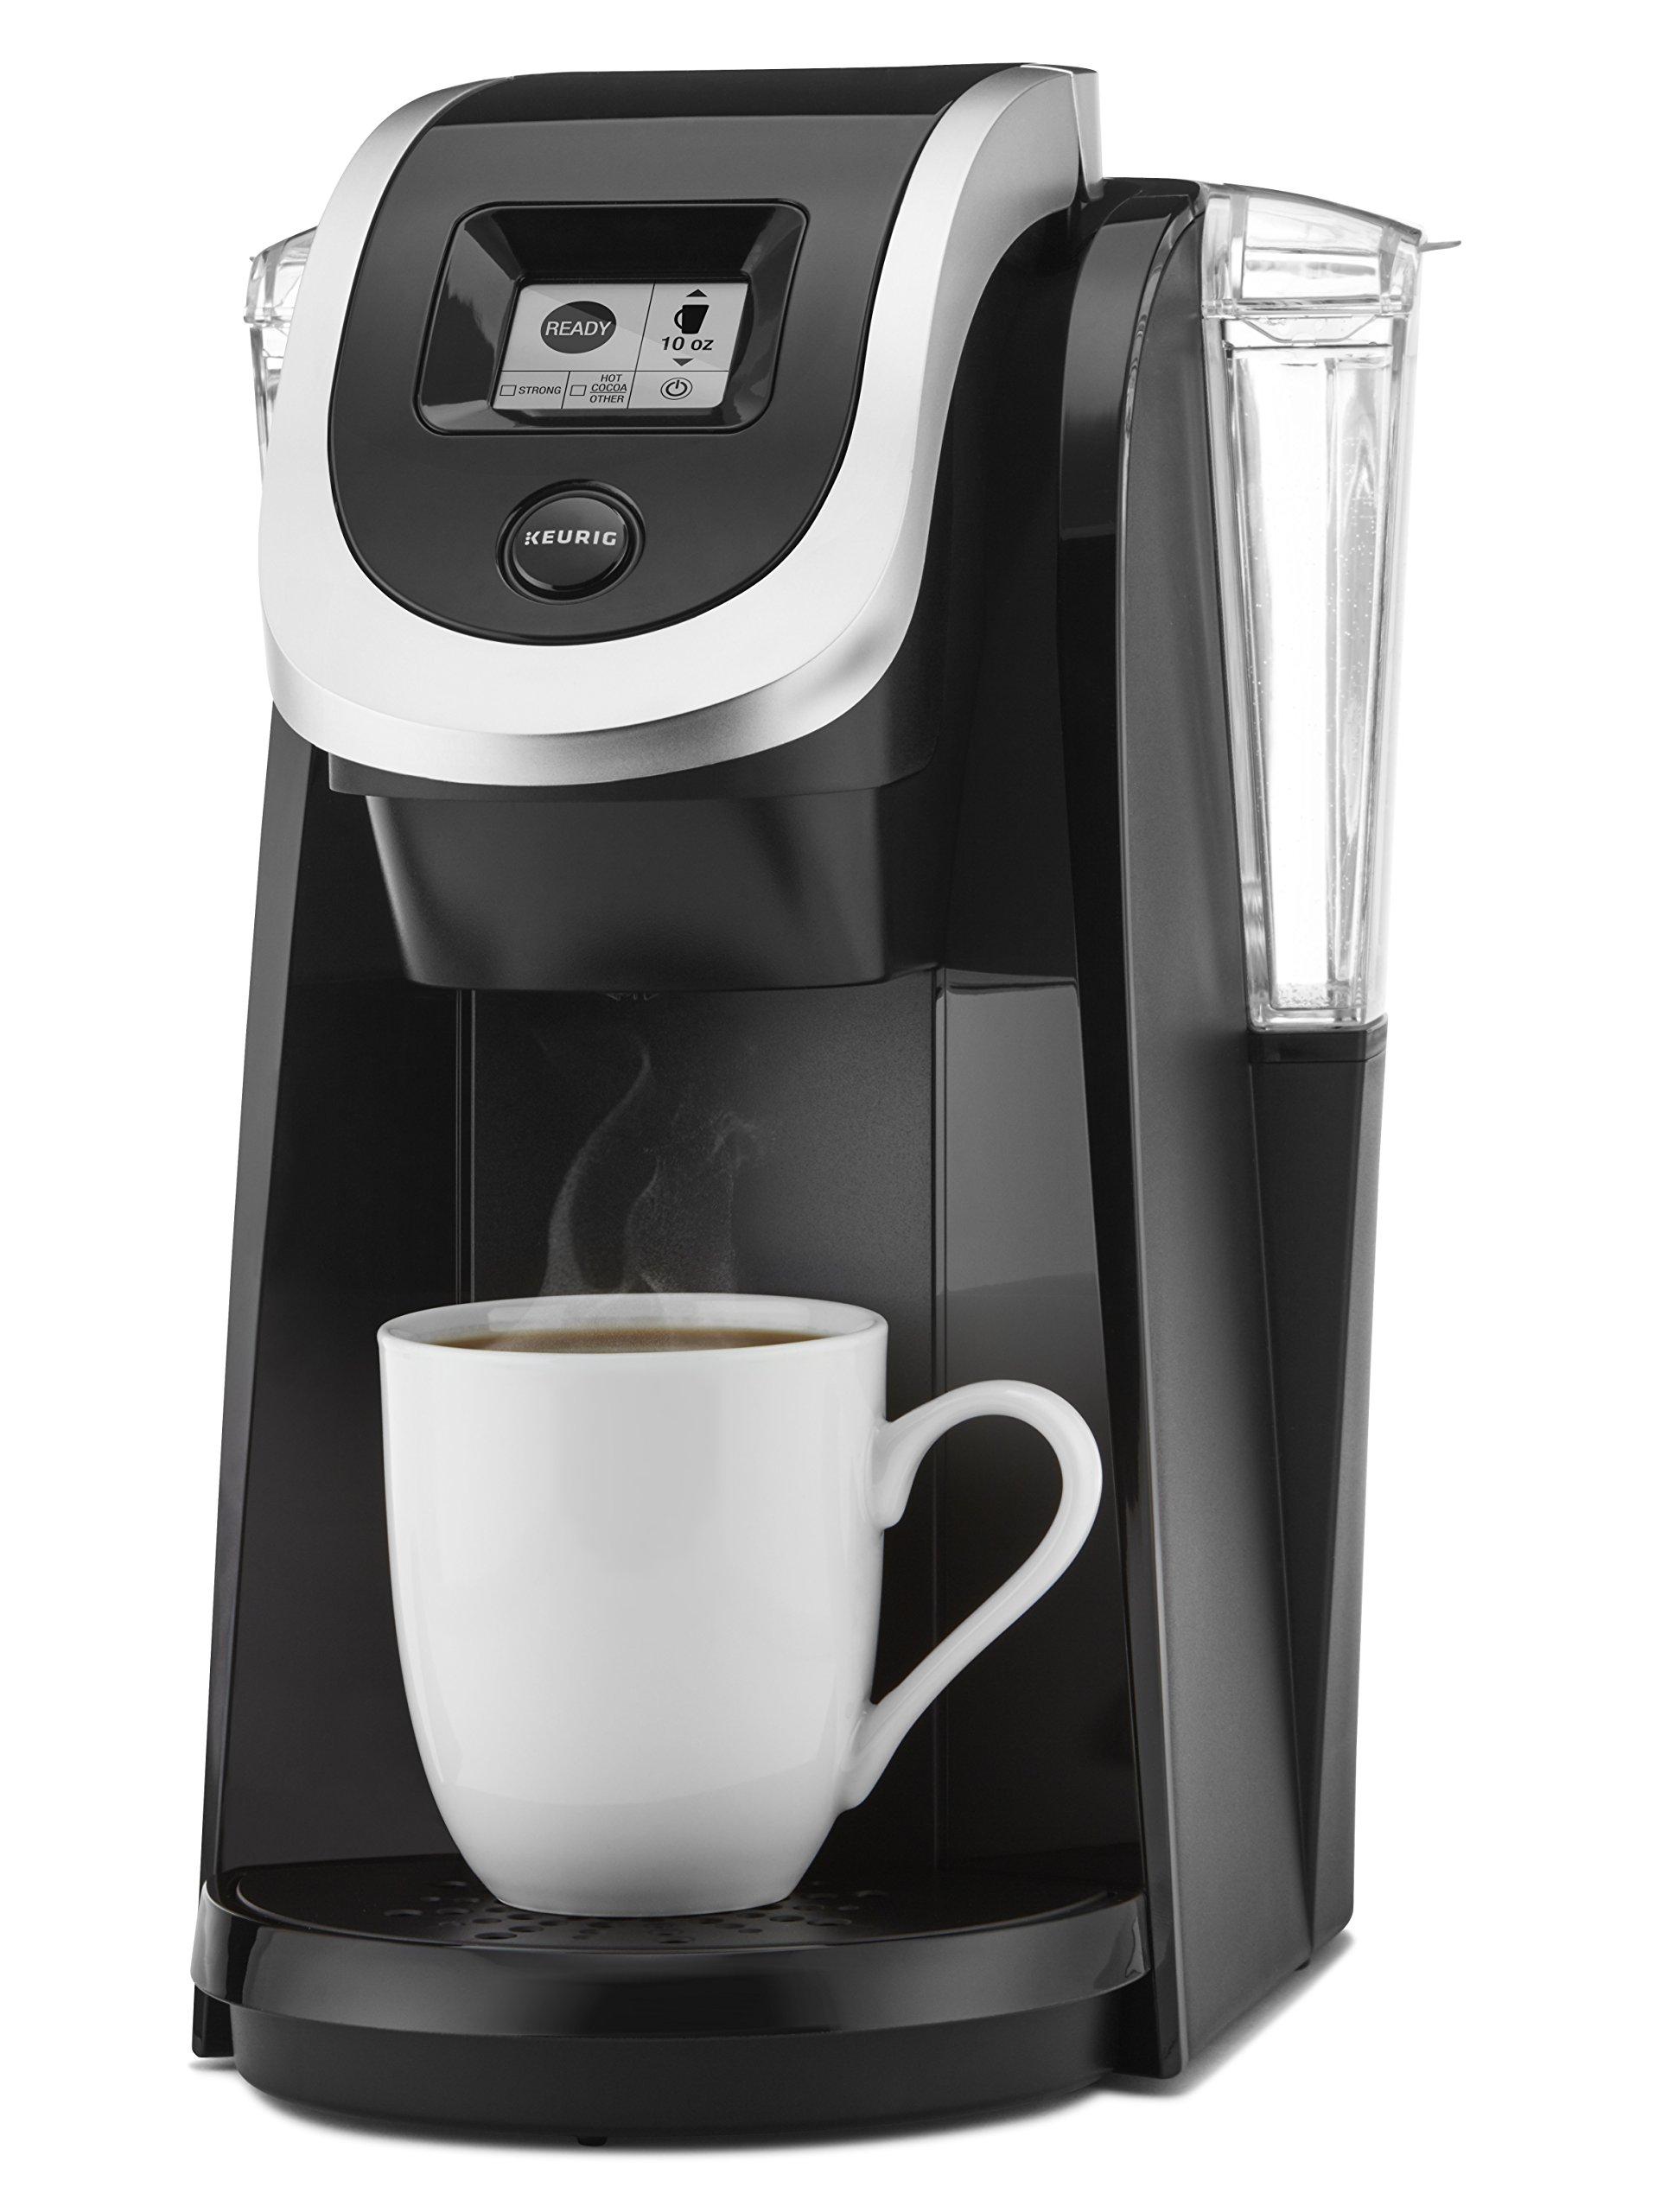 galleon keurig k250 single serve programmable k cup pod coffee maker black. Black Bedroom Furniture Sets. Home Design Ideas